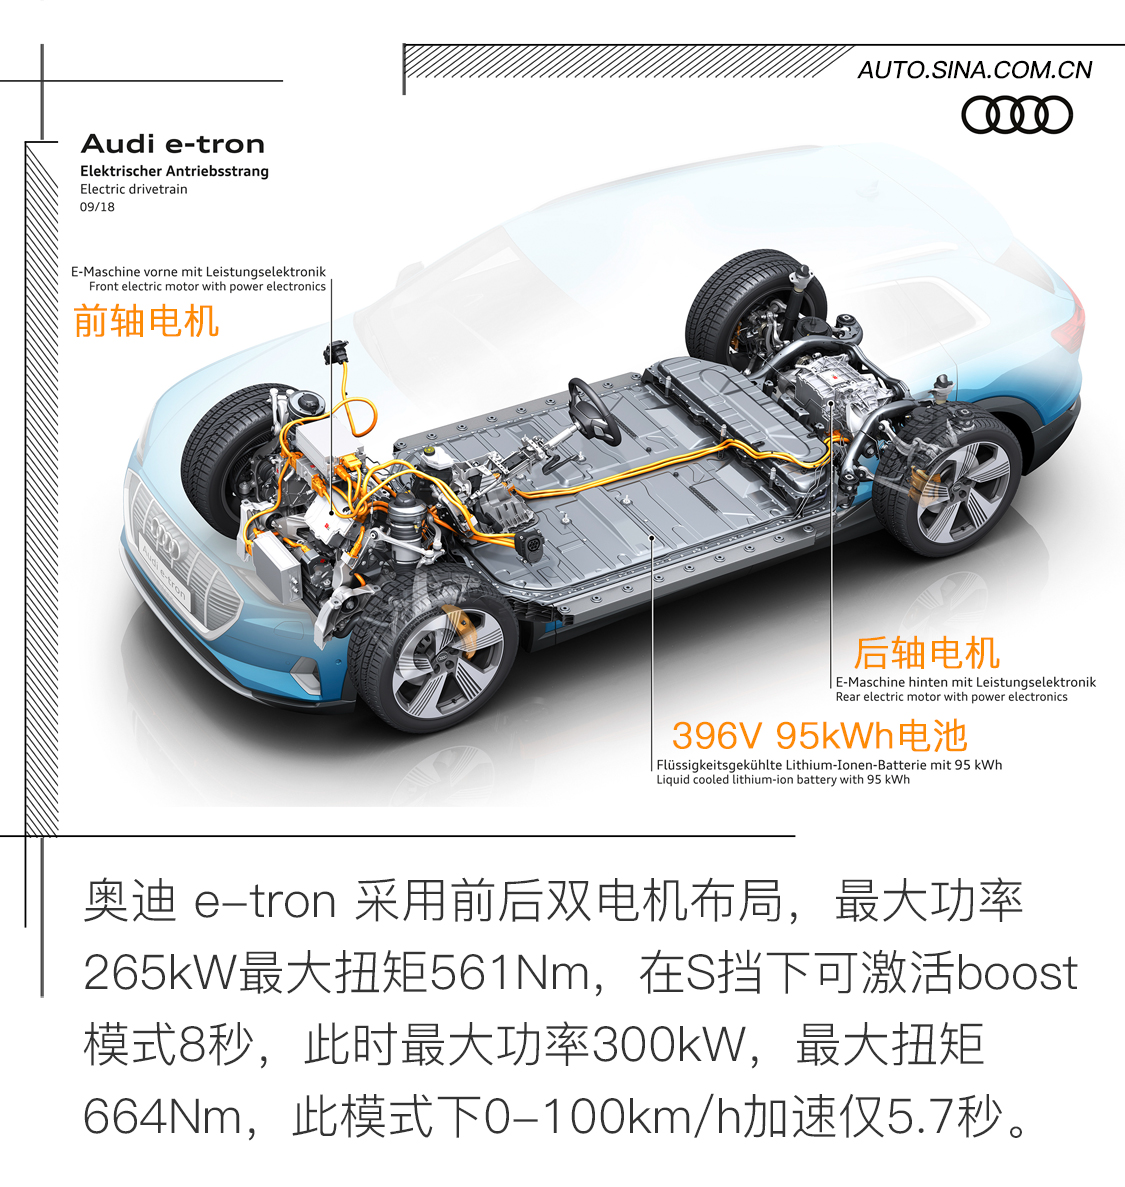 年末盘点 传统车企的新能源玩得怎么样?